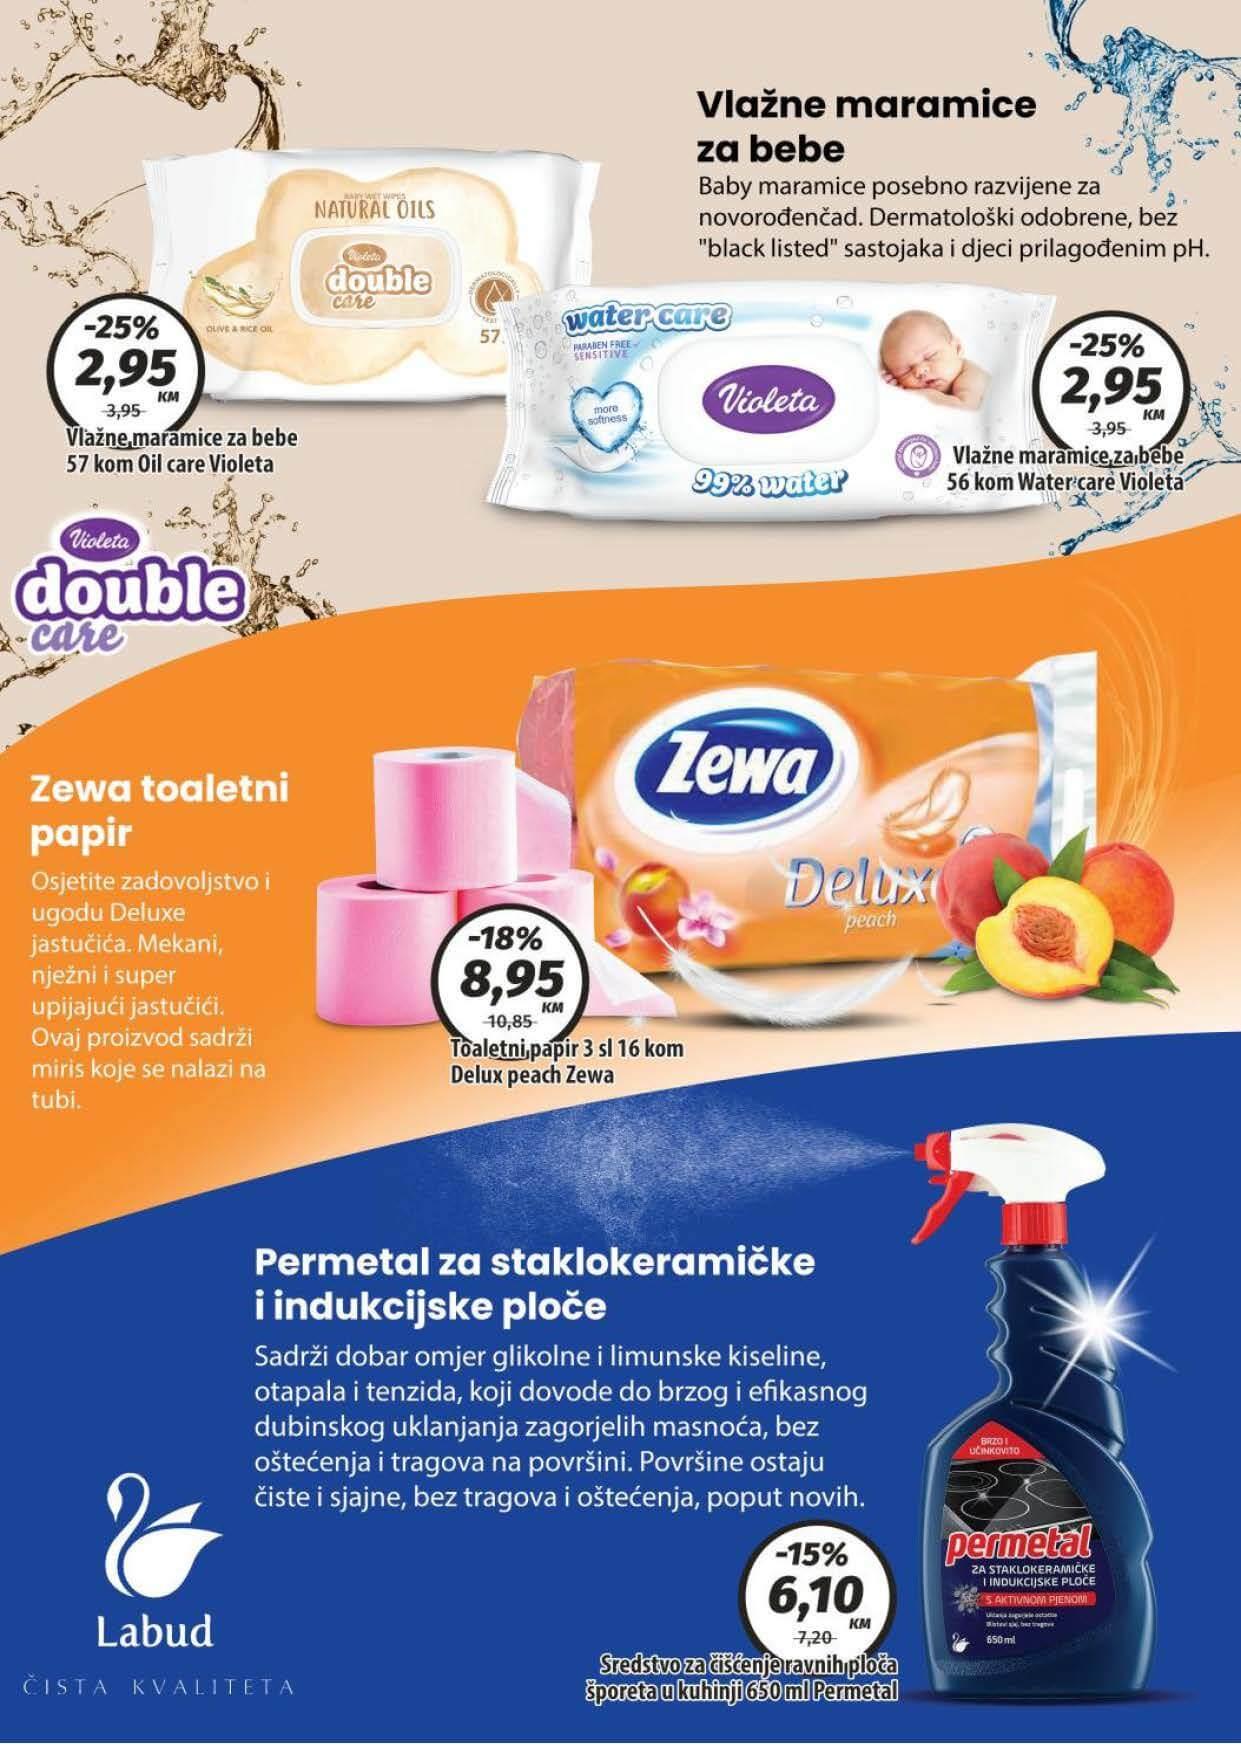 BINGO Katalog Magazin PLUS JUN i JUL 2021 15.6. 9.7. eKatalozi.com PR Page 28